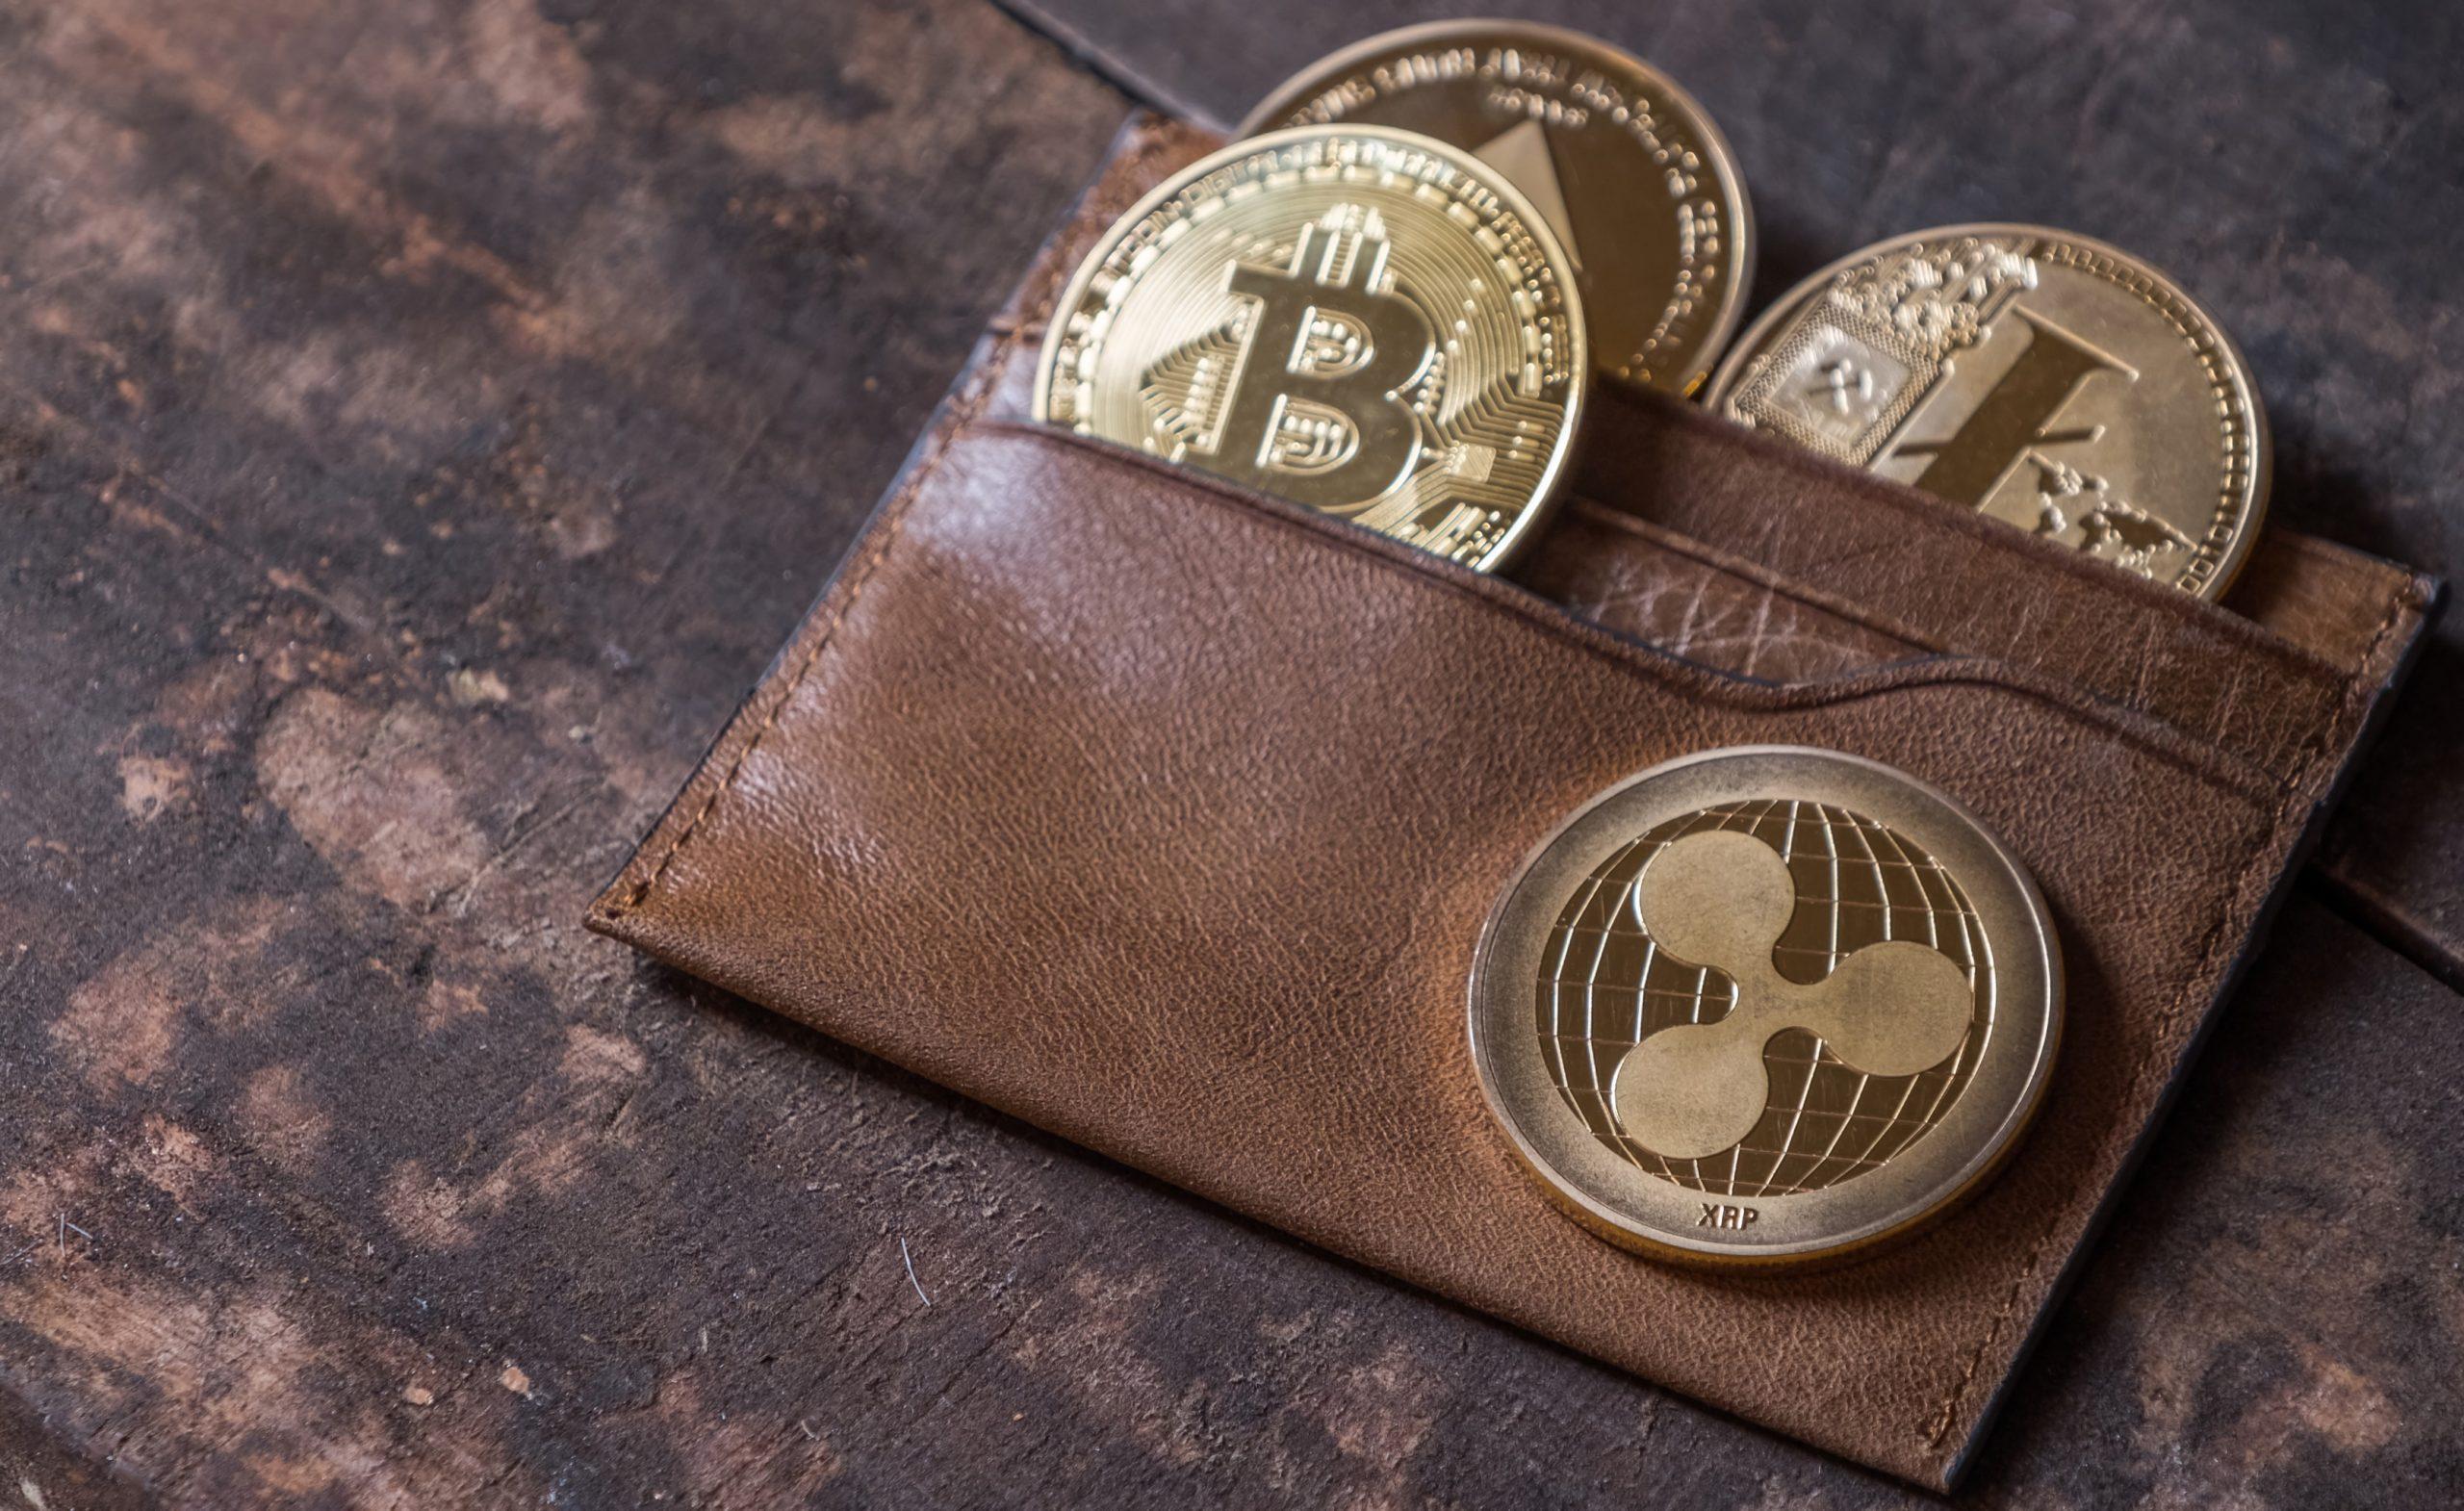 Drei Kryptomünzen in einem braunfrabigen Lederportemonaie, das auf einem hölzernen Untergrund liegt.